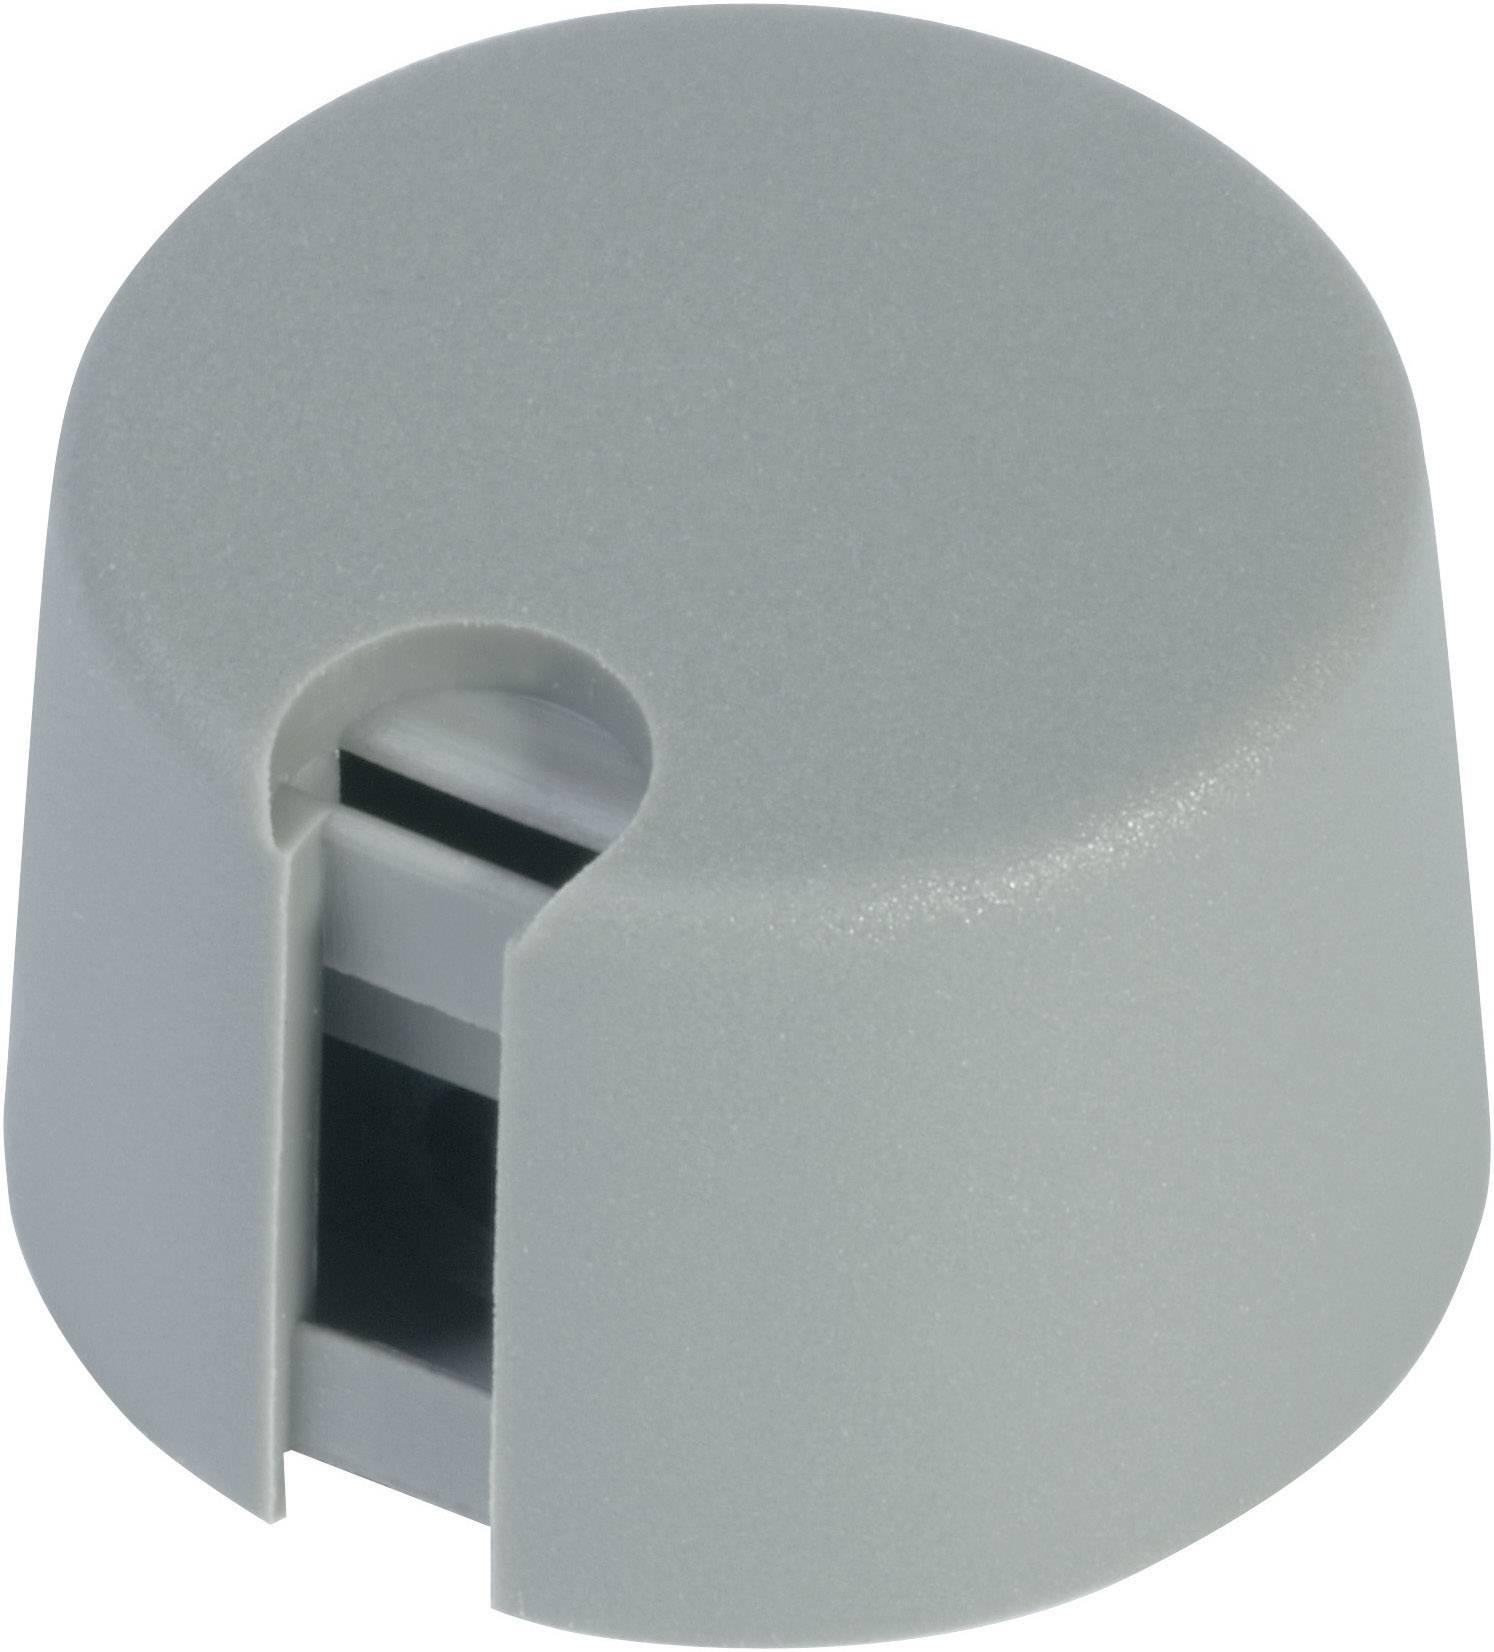 Ovládací knoflík OKW, Ø 40 mm x V 16 mm, 6 mm, šedá